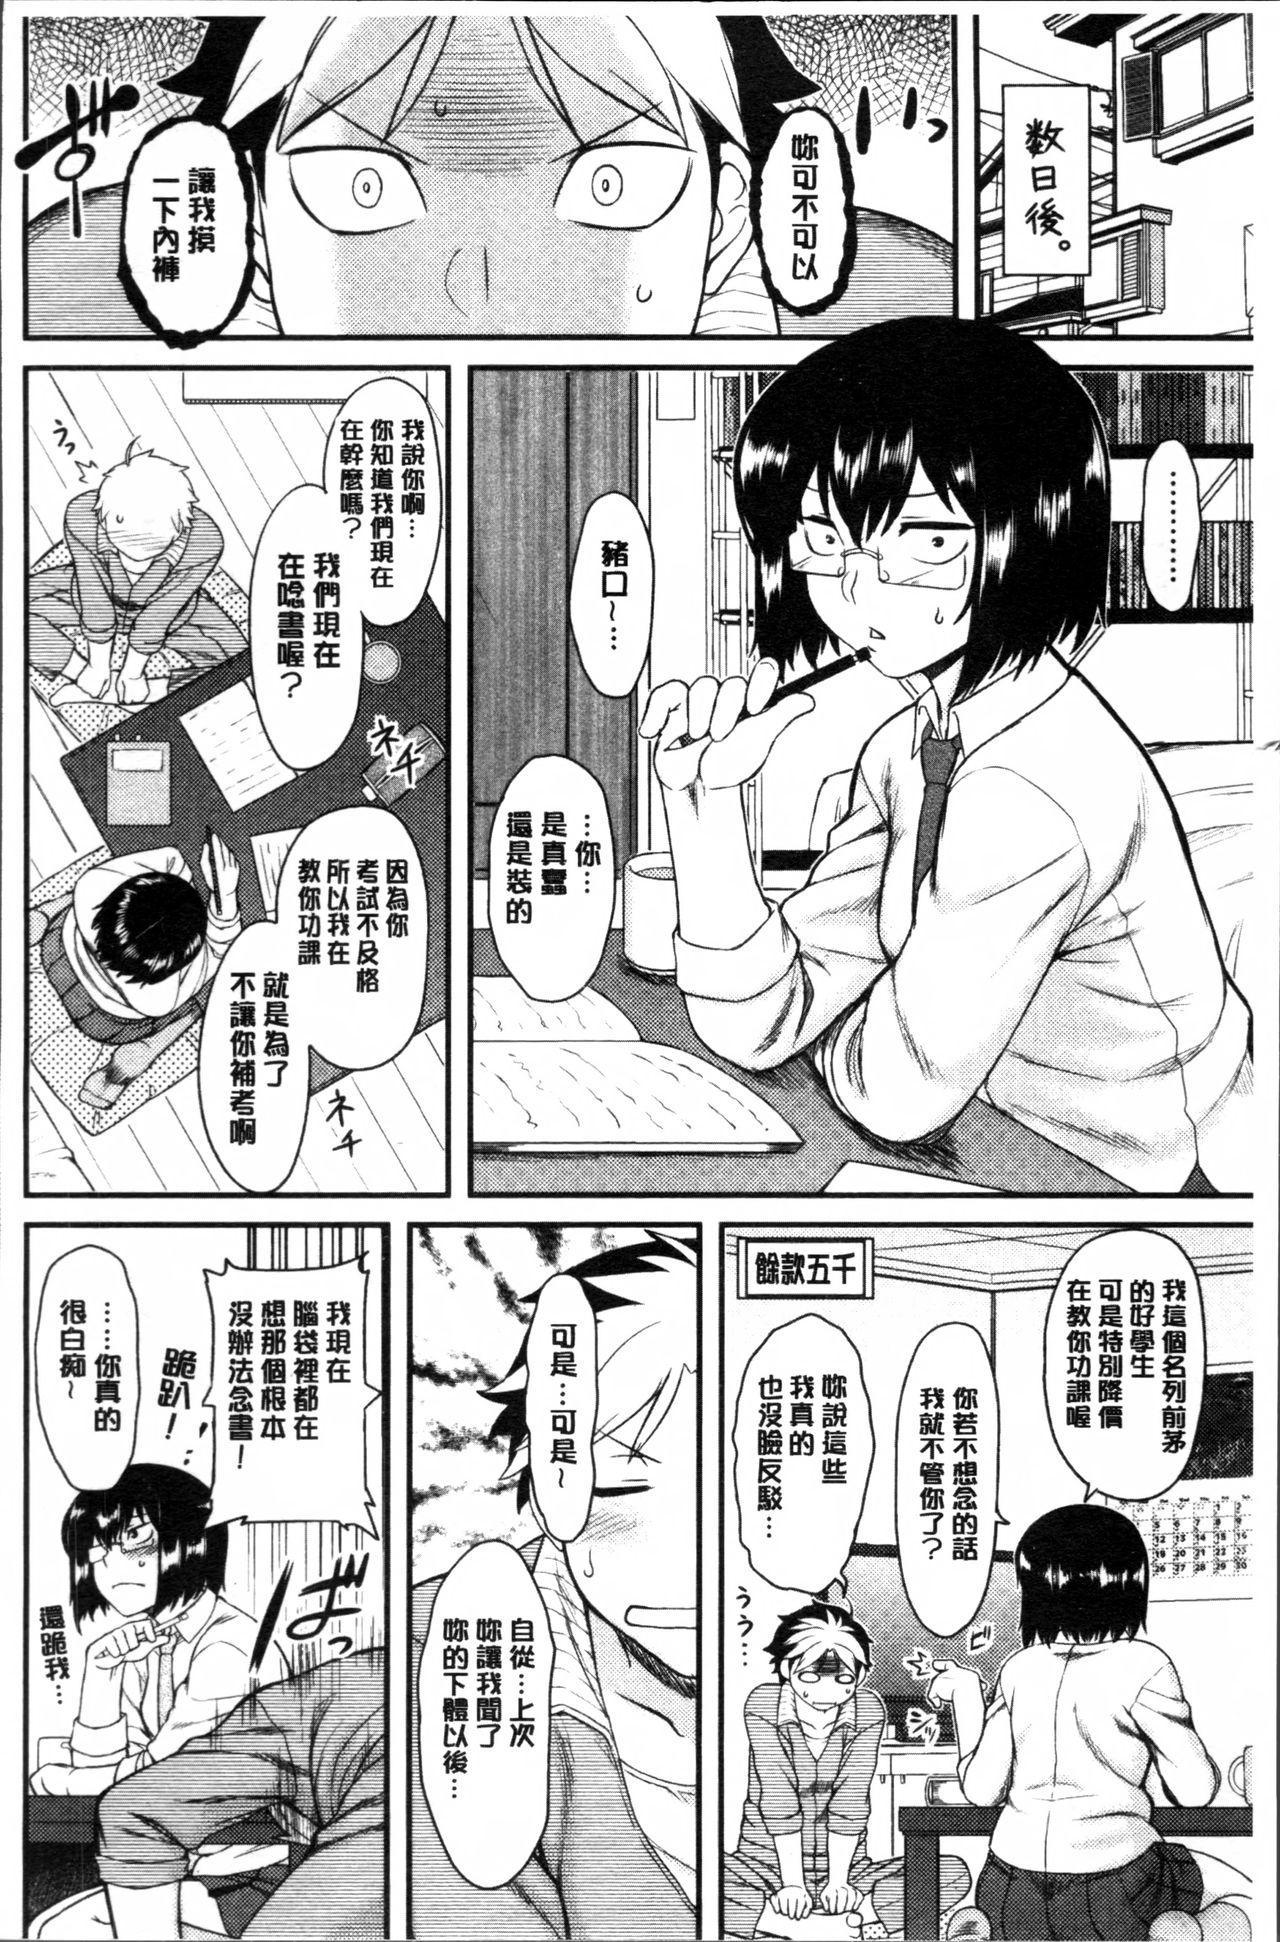 Hatsukoi Splash! 104